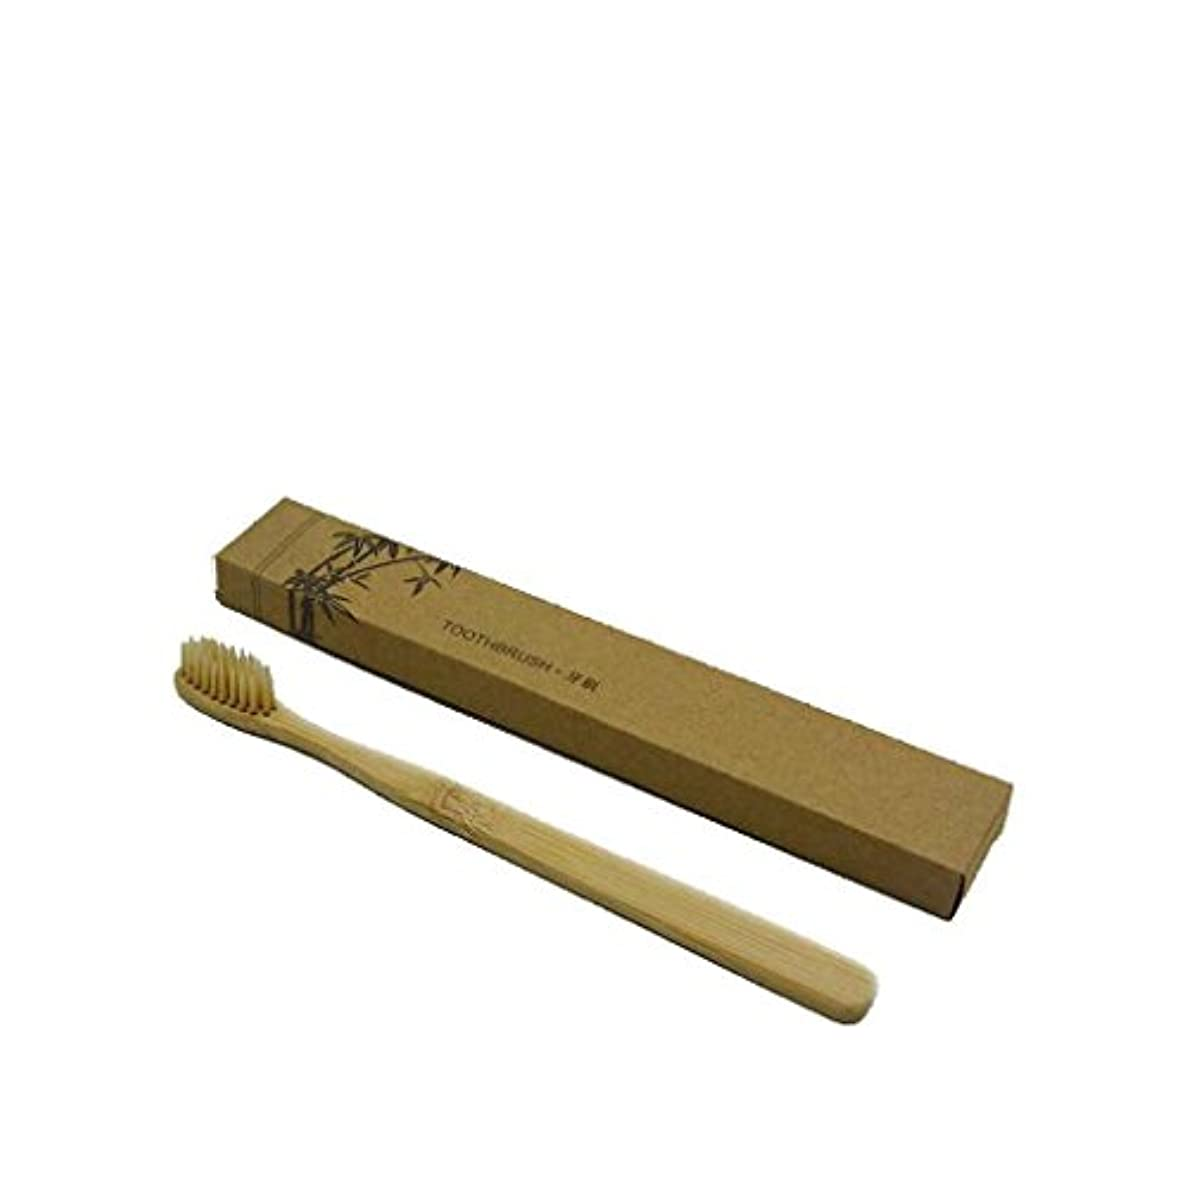 シャープ通りフェードアウトLORIA?JP 竹の歯ブラシ 天然木 環境保護の歯ブラシ 柔らかい毛(ベージュ)